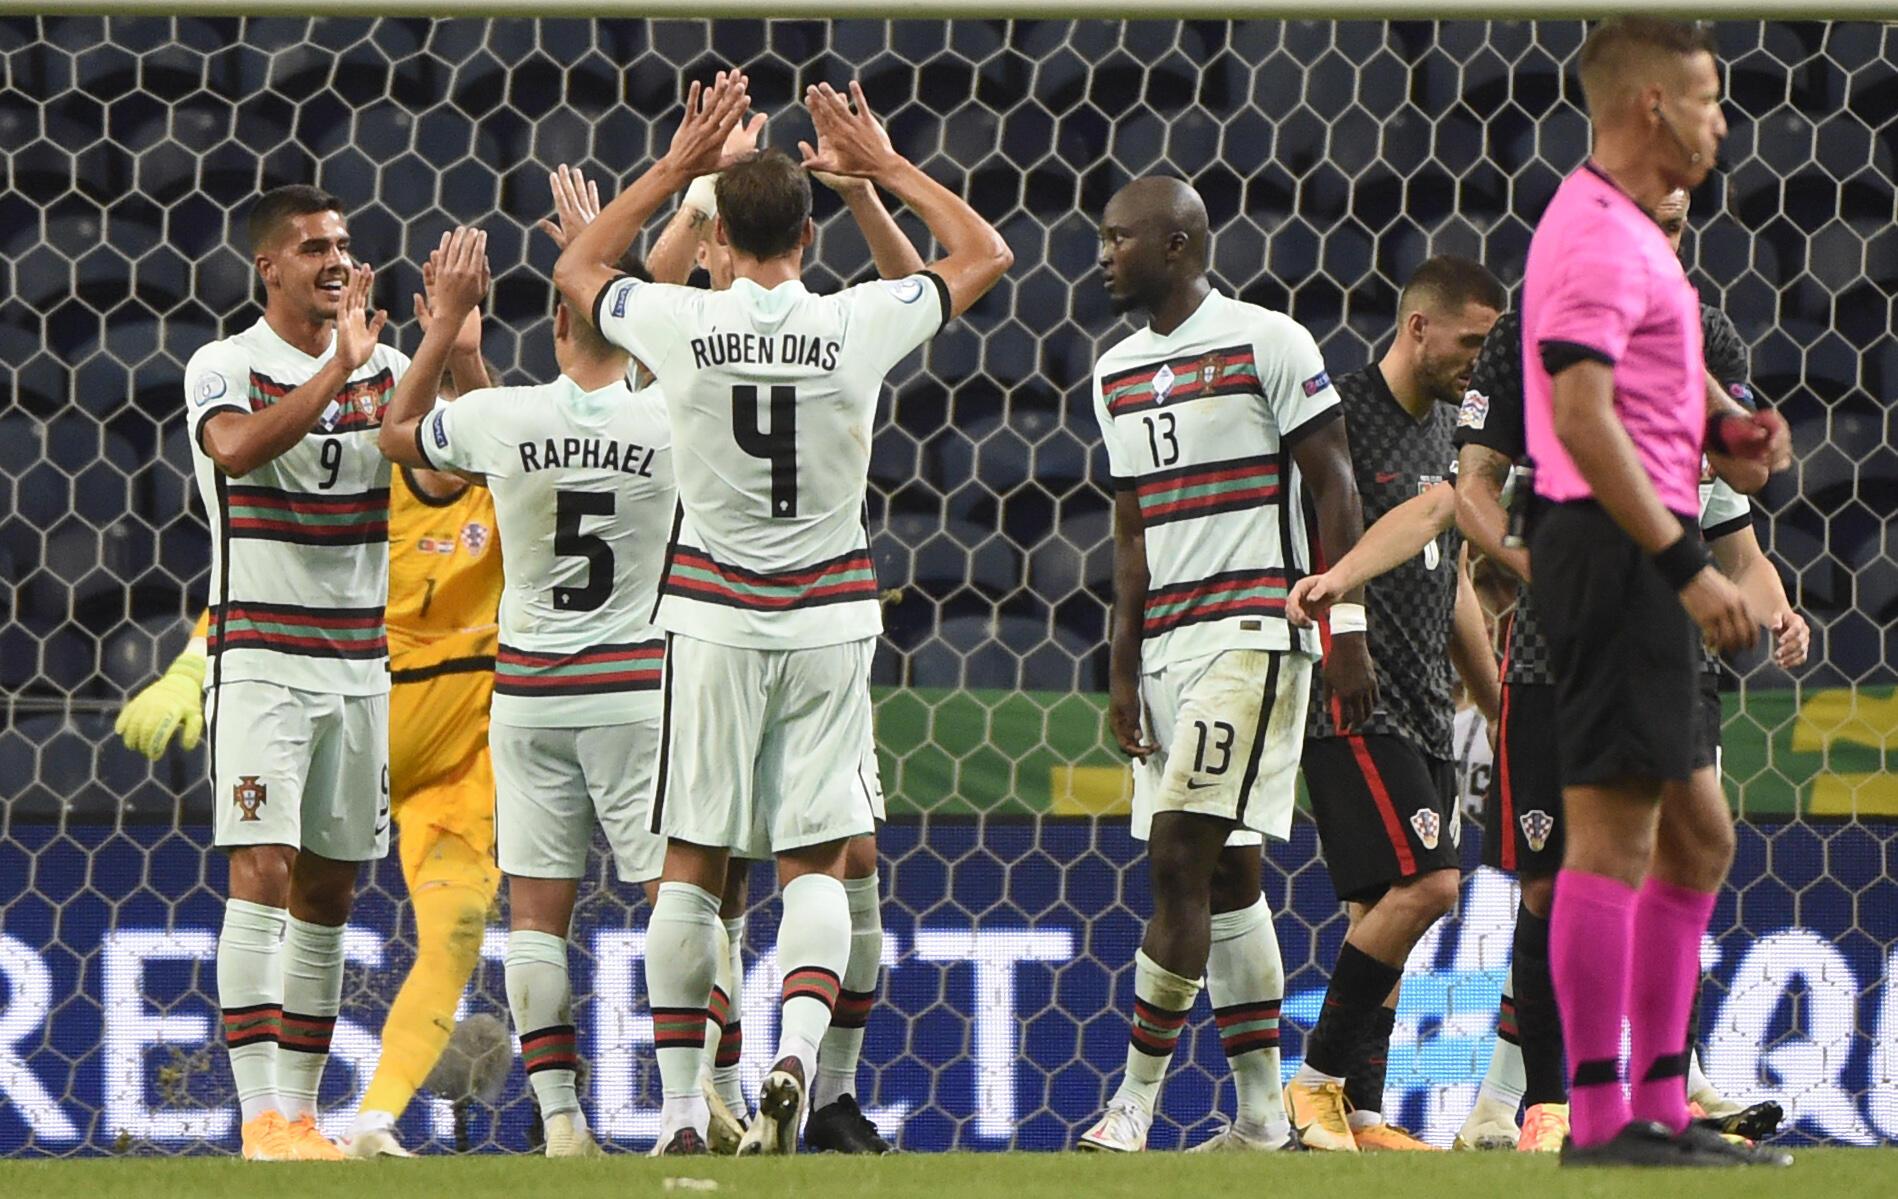 André Silva a festejar o seu golo